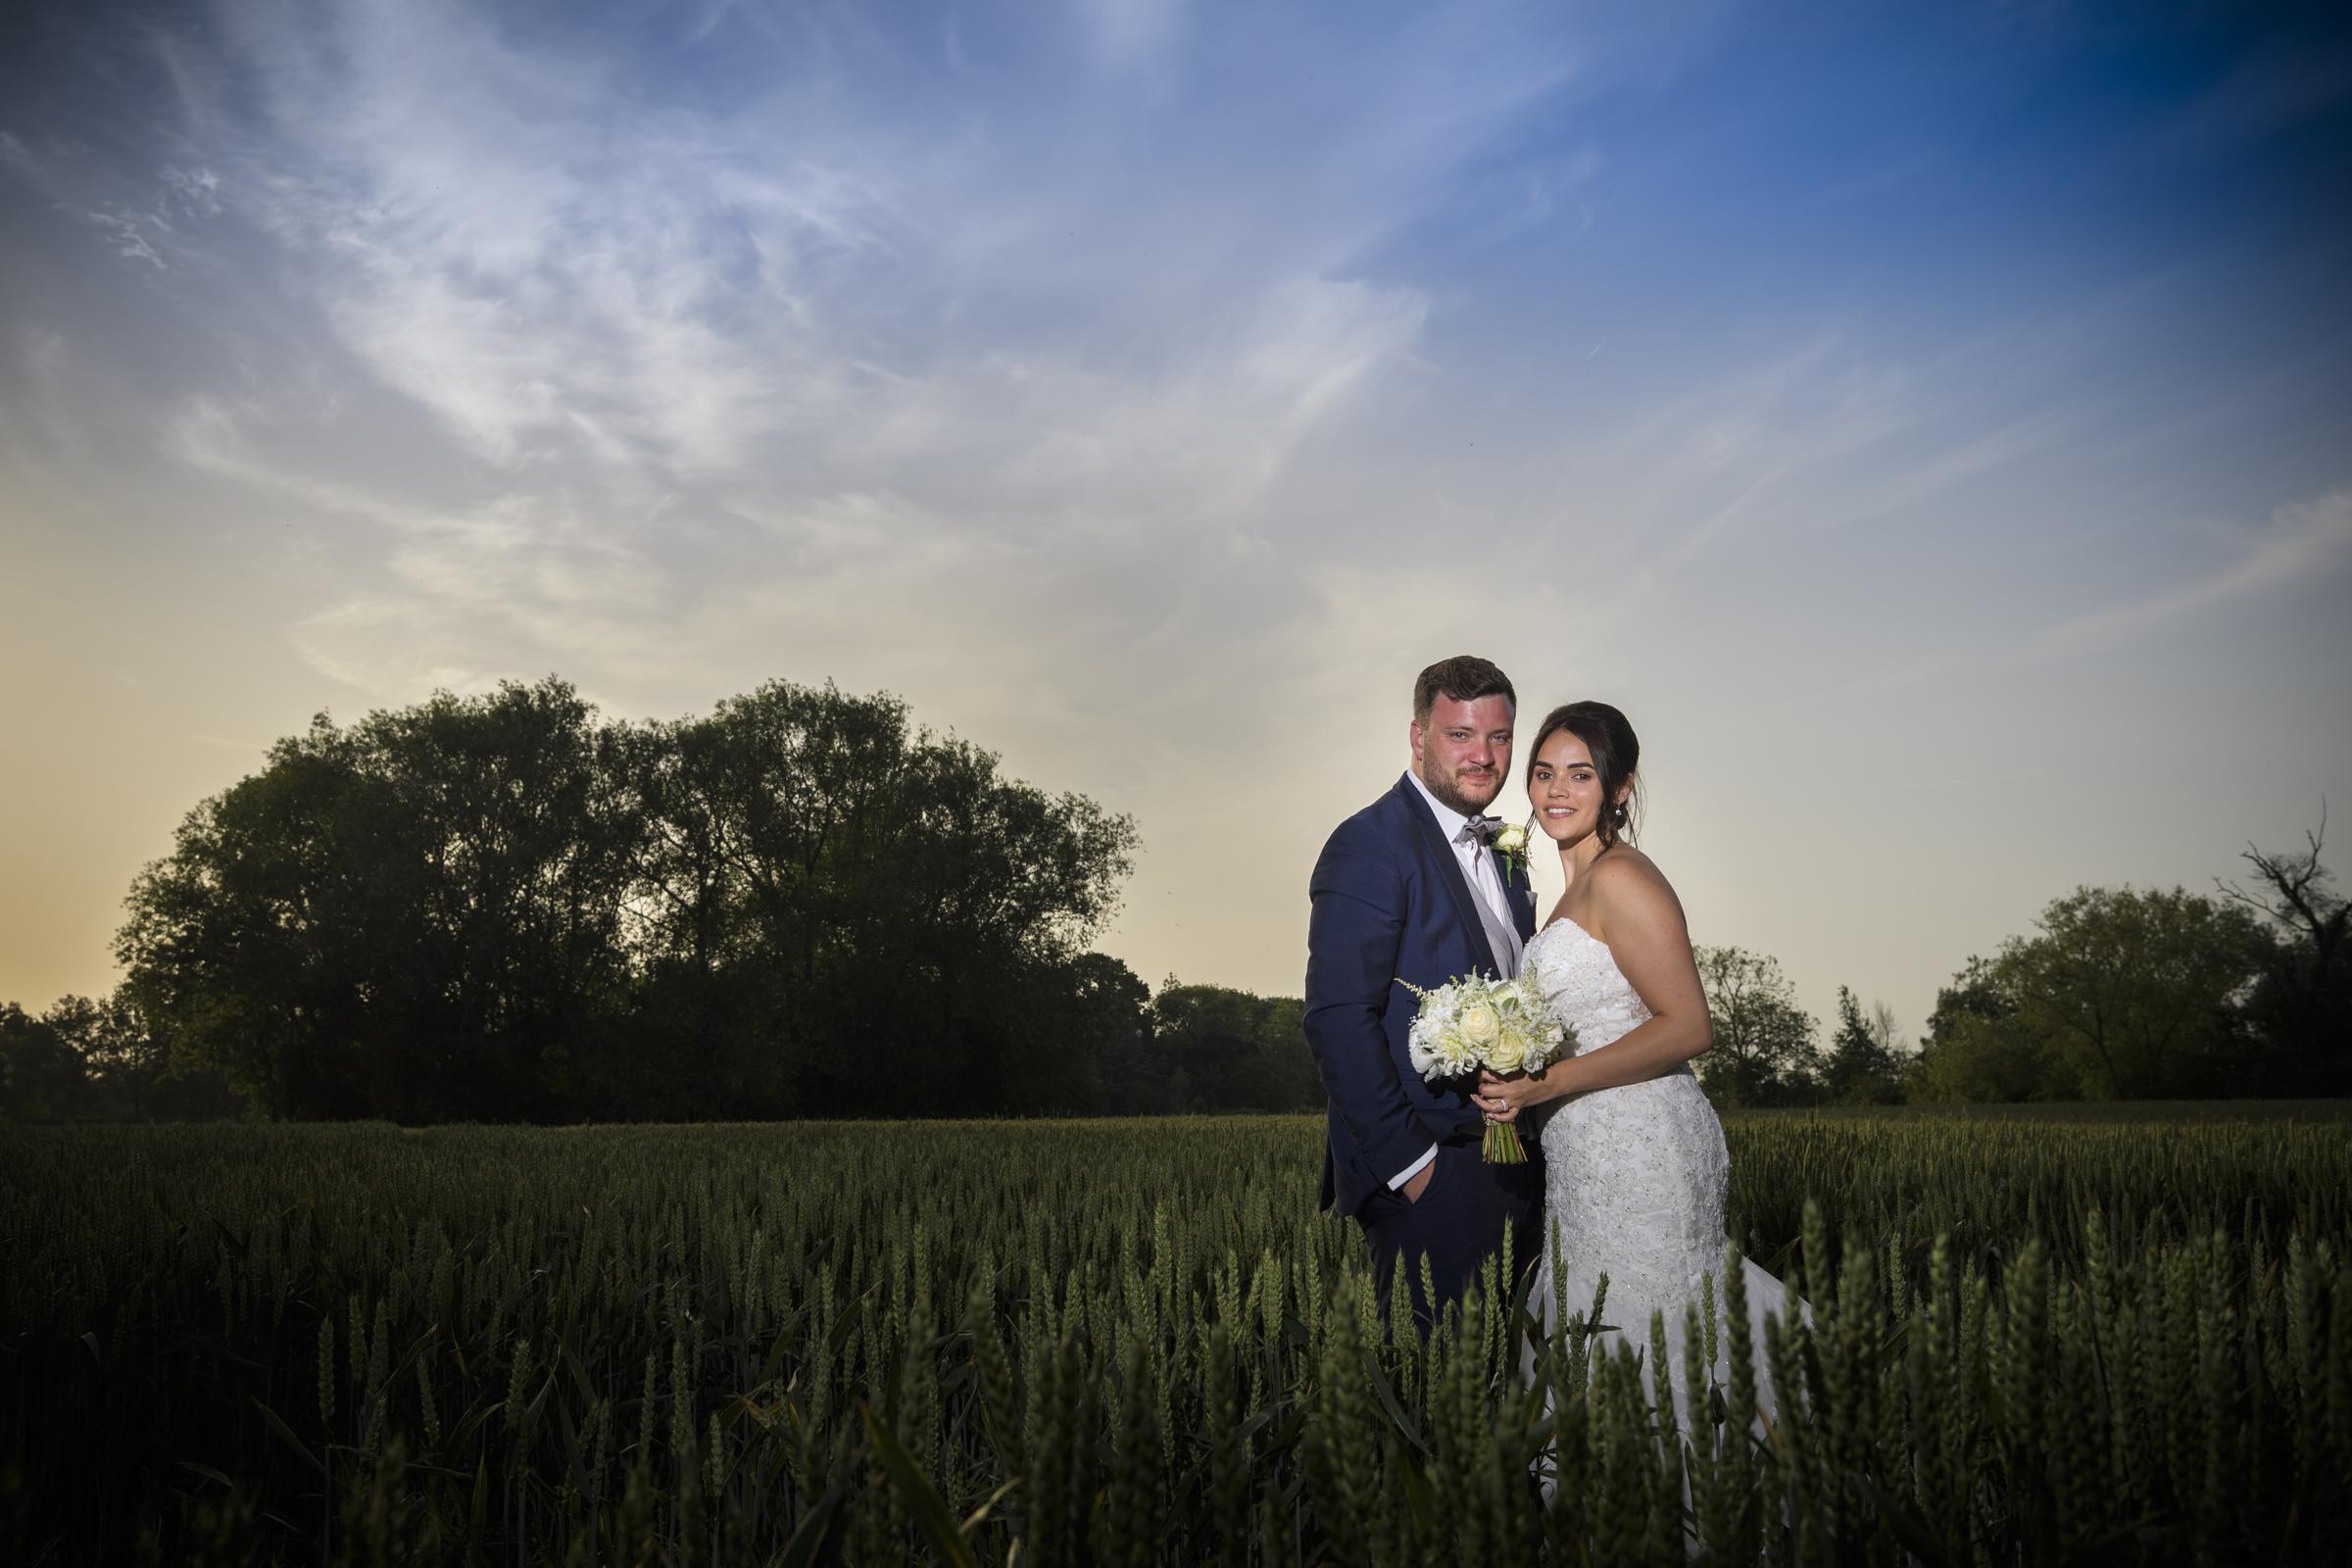 Weddings at Blake Hall